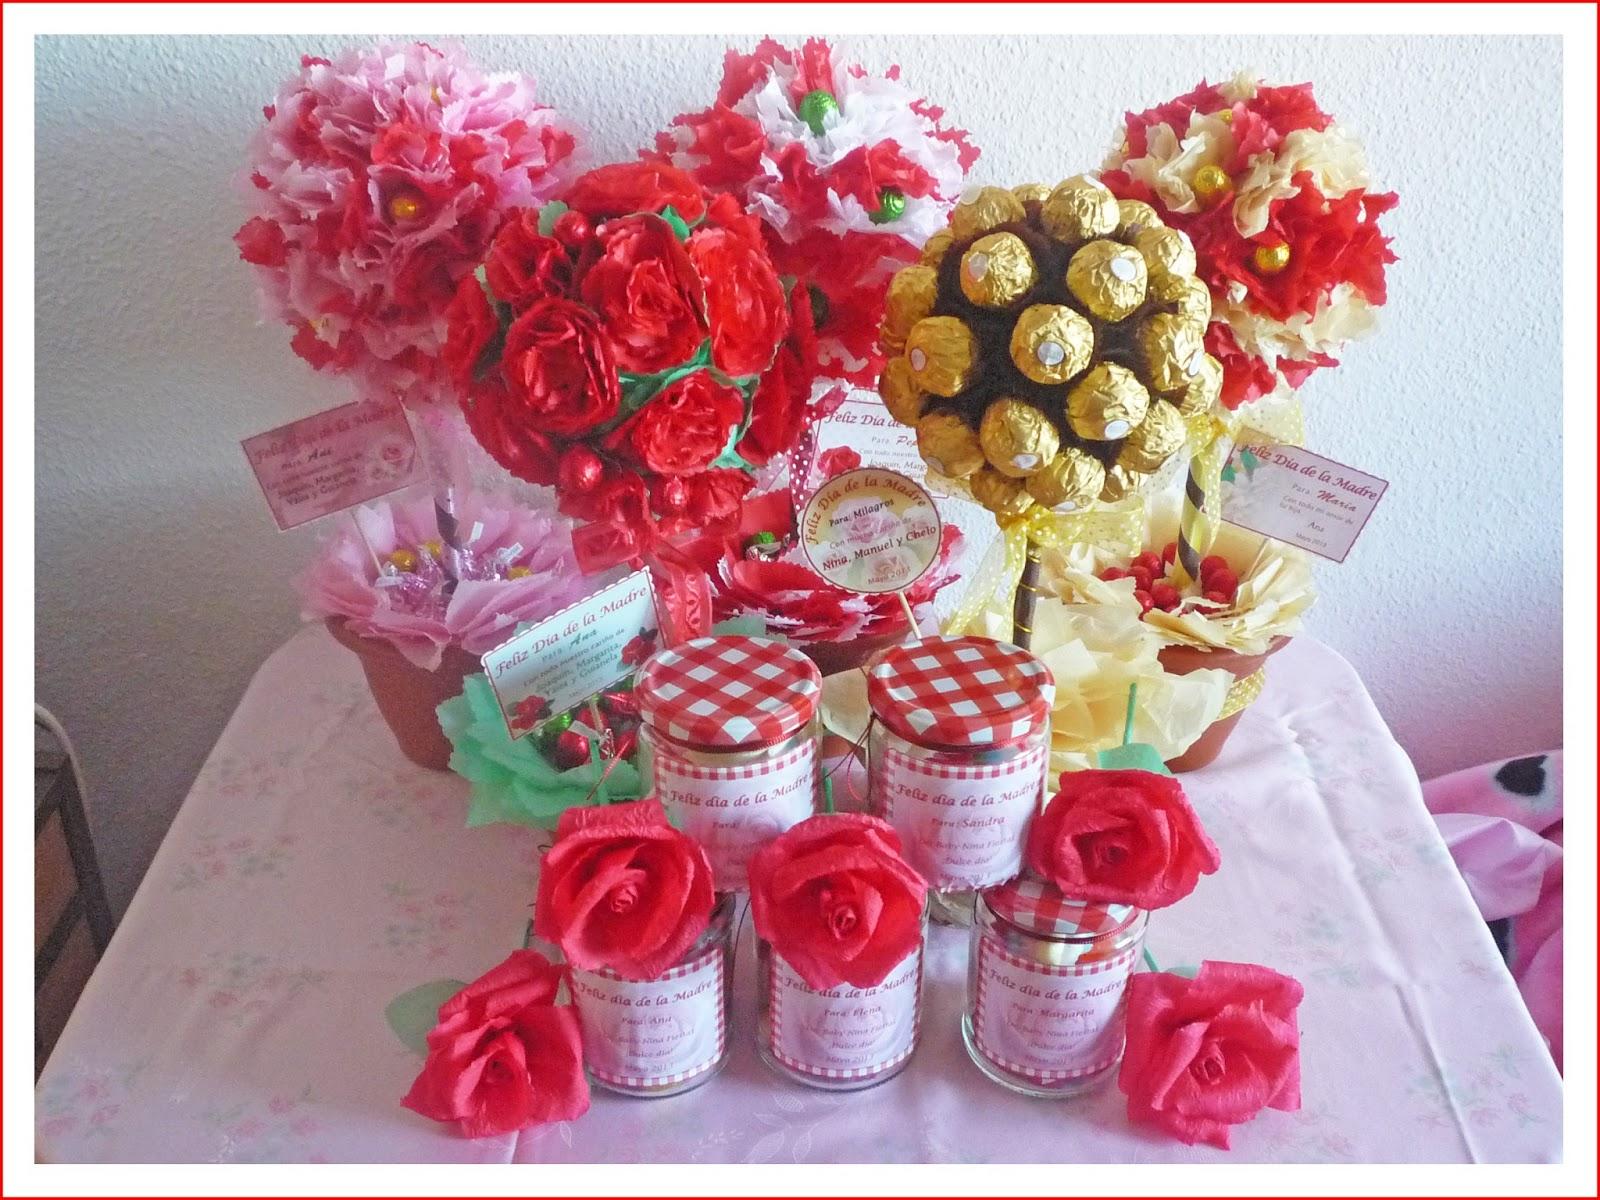 Baby nina fiestas topiarios de dulces y m s detalles para - Detalles de decoracion para casa ...